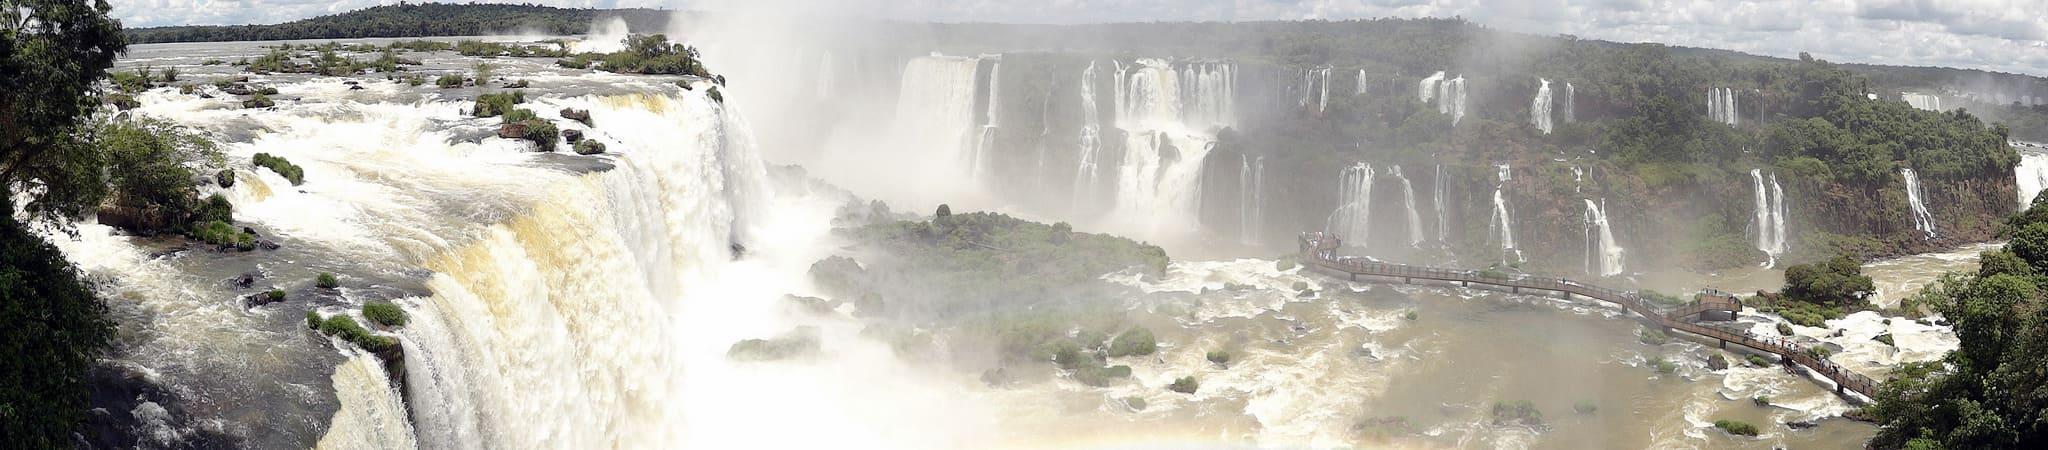 Cascate di Iguazu sud america